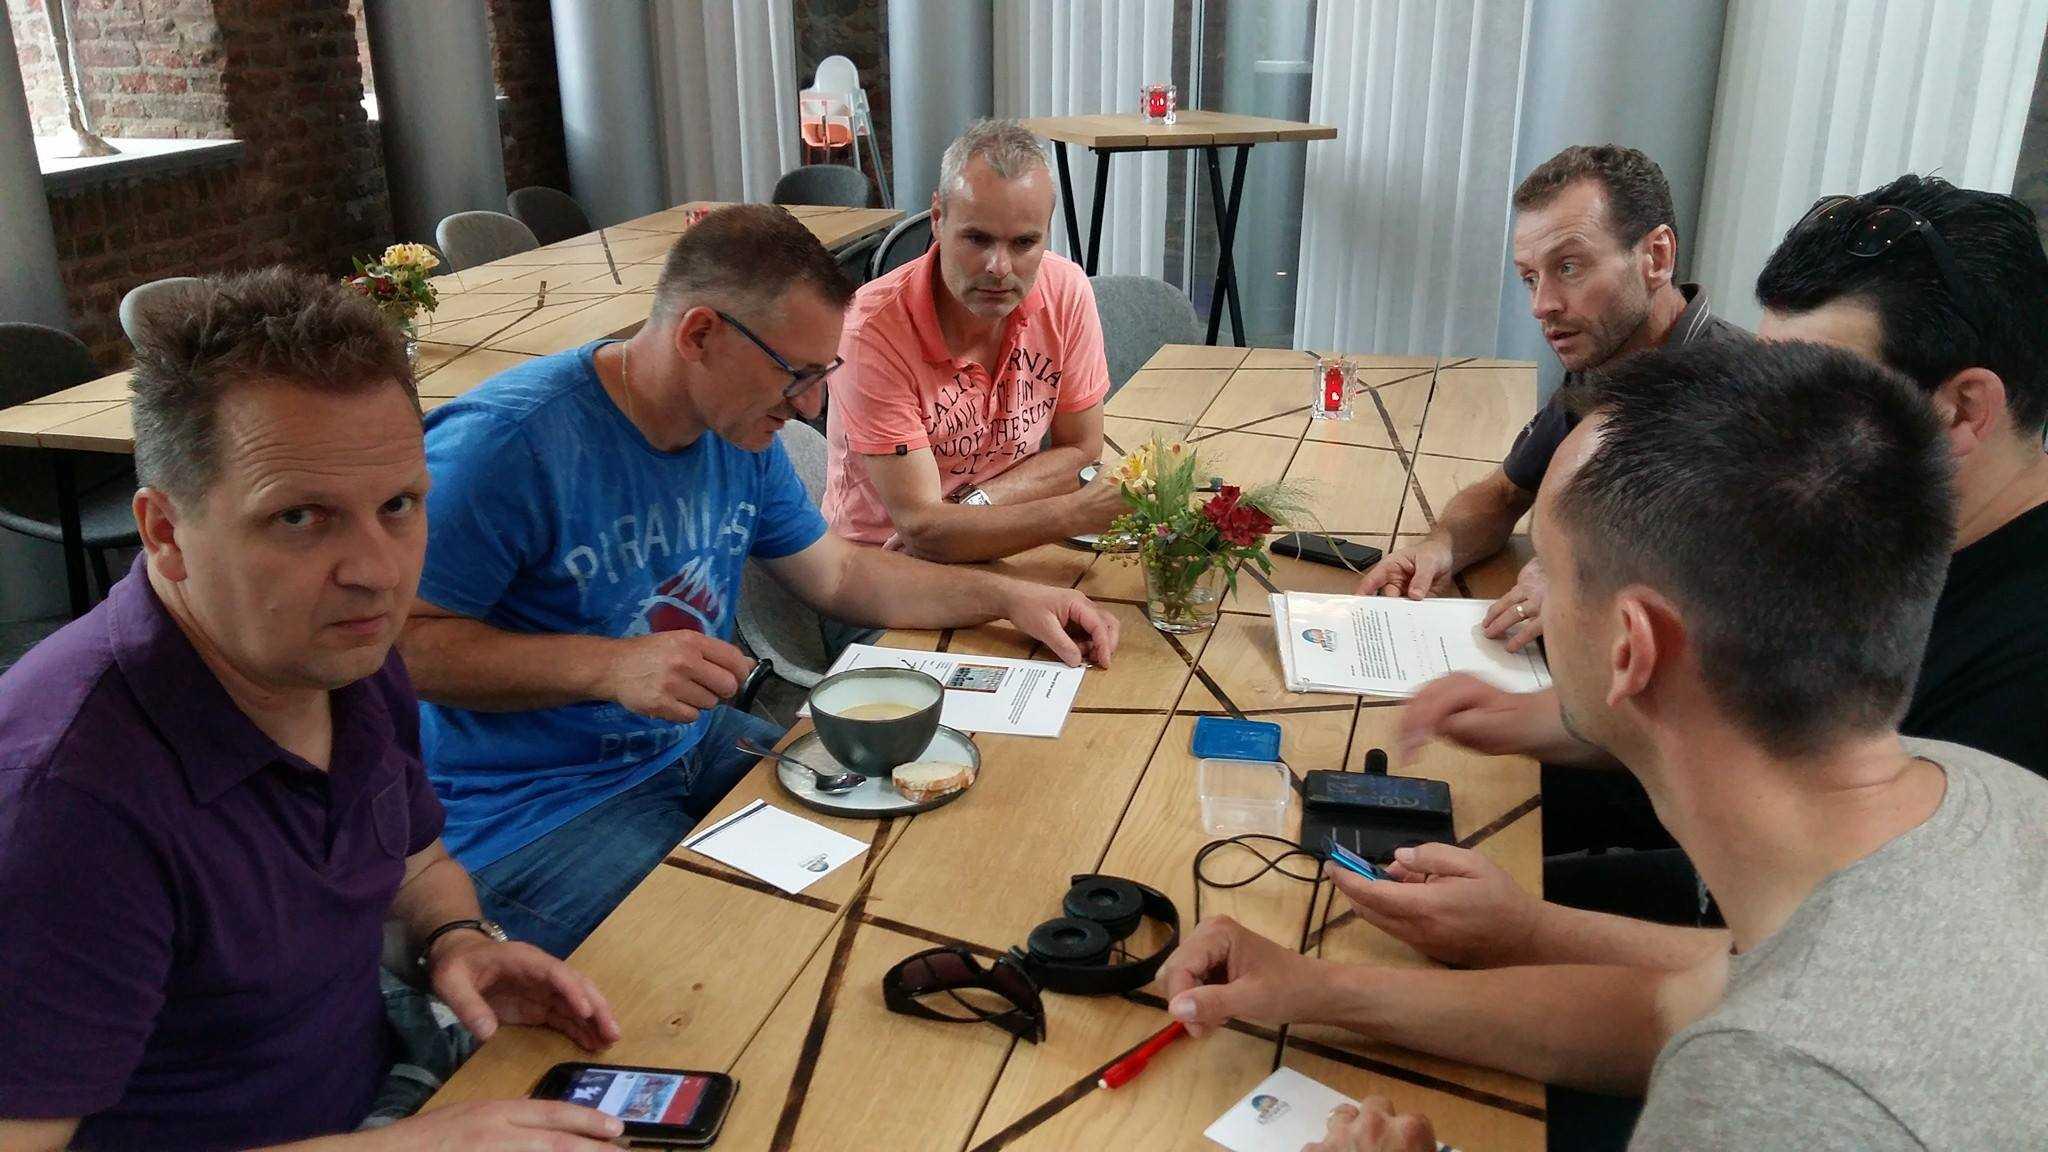 vergadering gecombineerd met teambuilding activiteit in vergaderzaal Van Kesselzaal